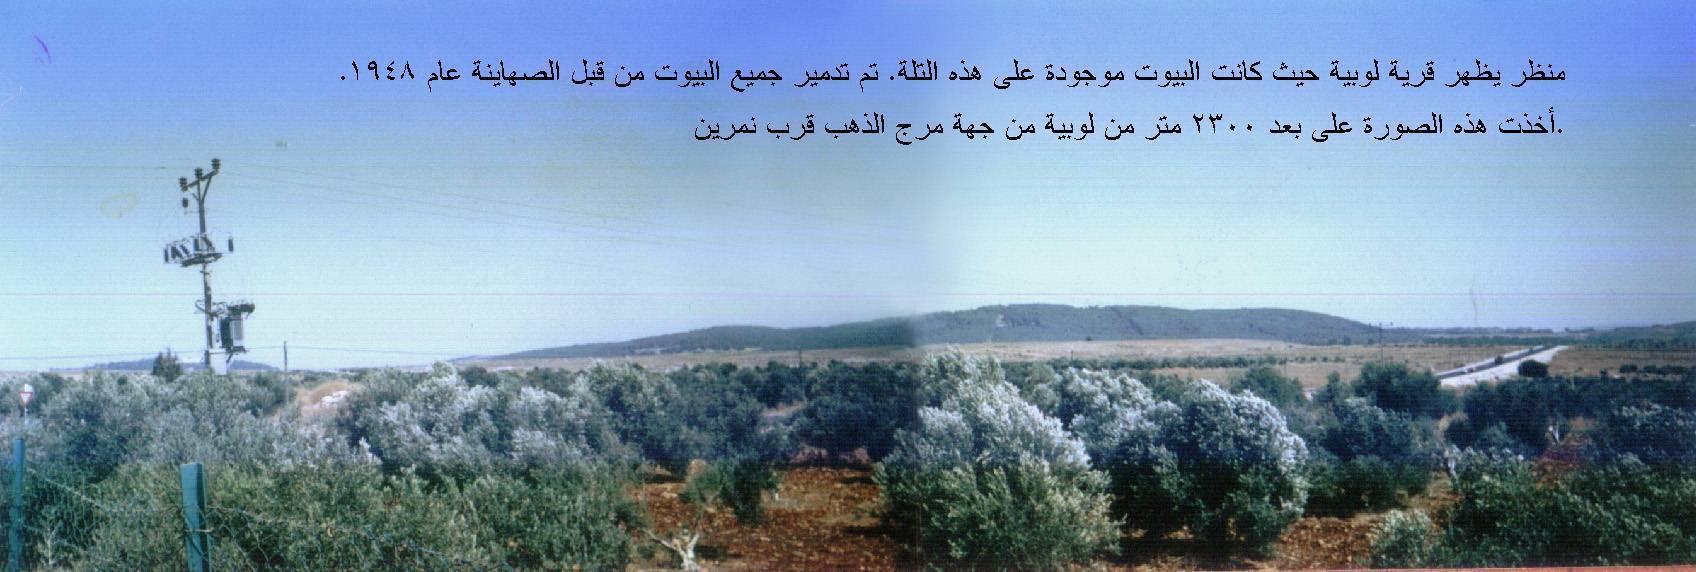 القرى الفلسطينه لوبيا